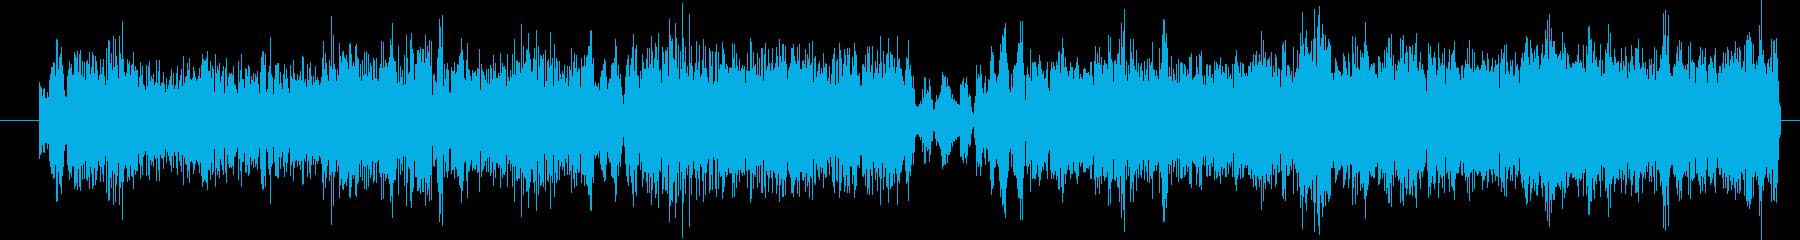 モンスター グリッチグロール03の再生済みの波形